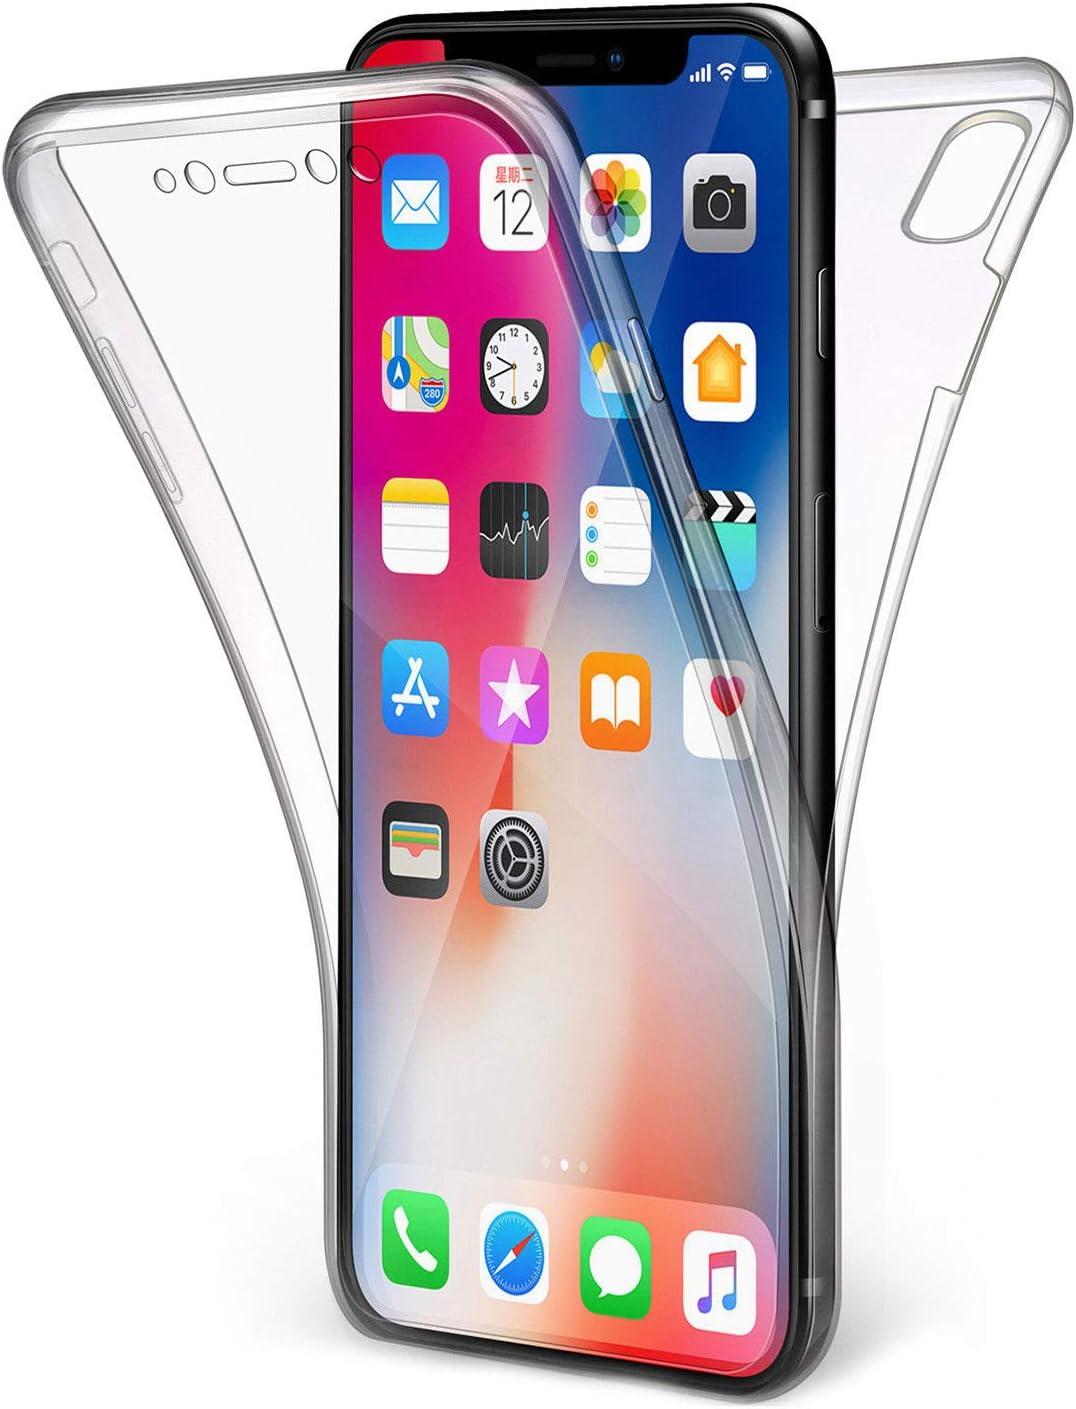 Olixar Flexicover - Custodia per iPhone X trasparente - Protezione a 360 gradi - Olixar Flexicover - Cover anteriore posteriore - Compatibile con ...